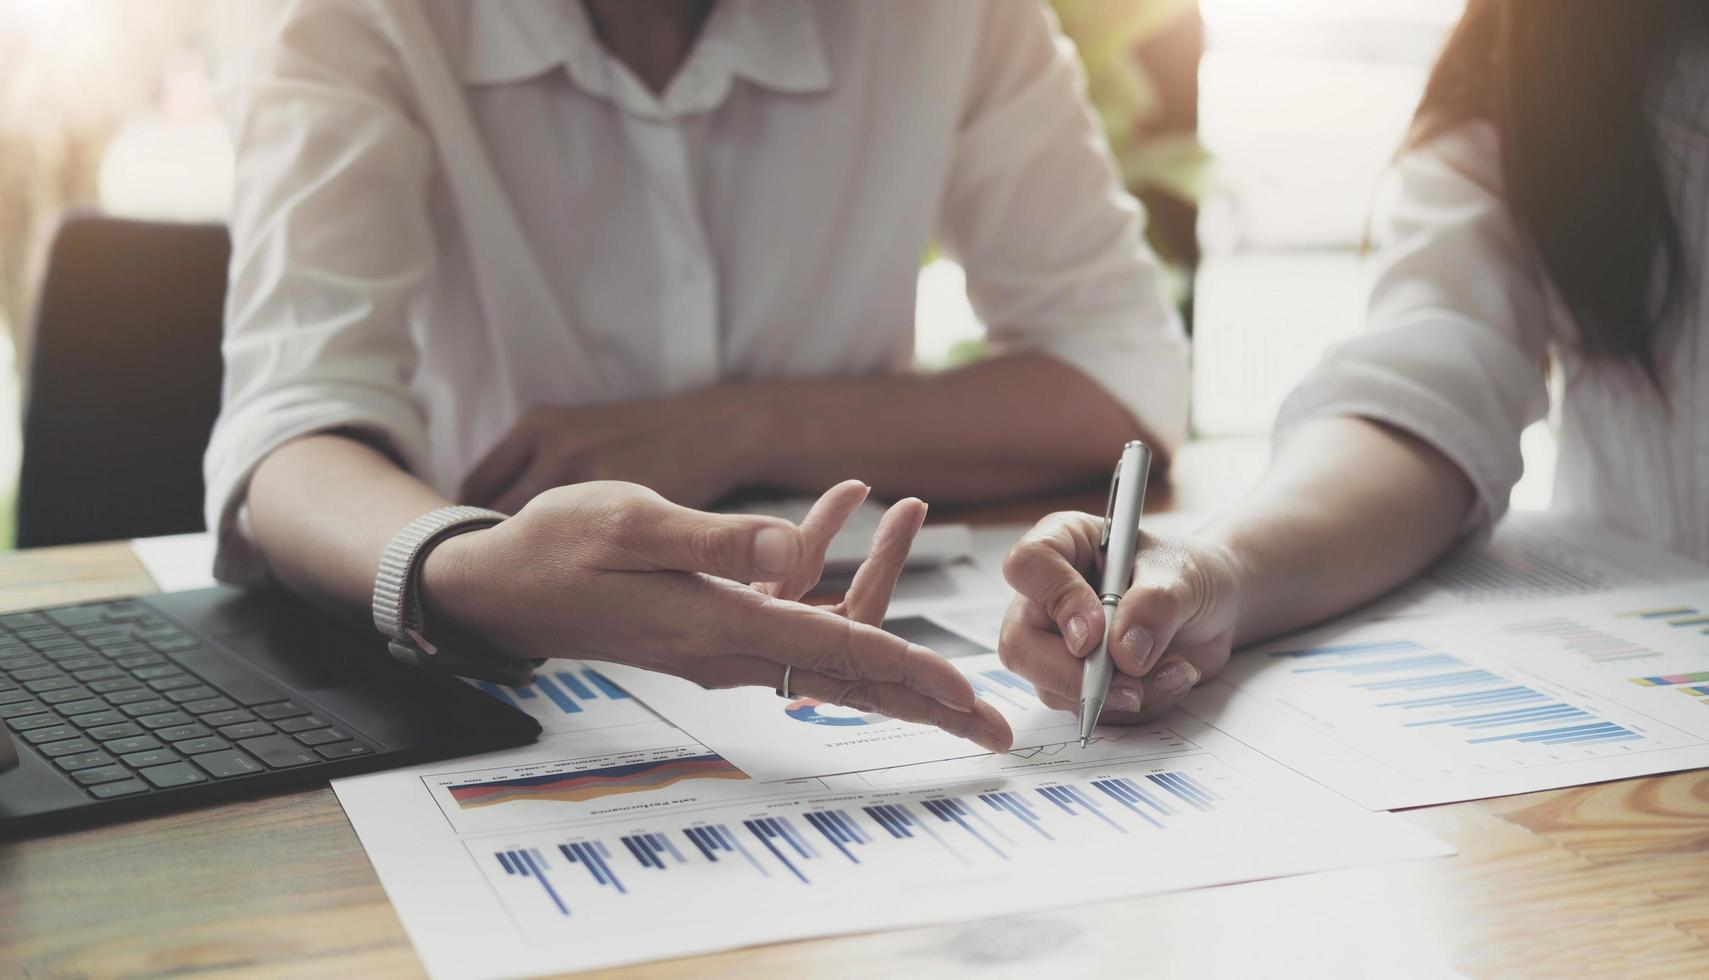 los ejecutivos y los contadores tienen los estados financieros de la empresa y los discuten juntos, los contadores están discutiendo las reuniones de finanzas corporativas con la gerencia. concepto financiero. foto